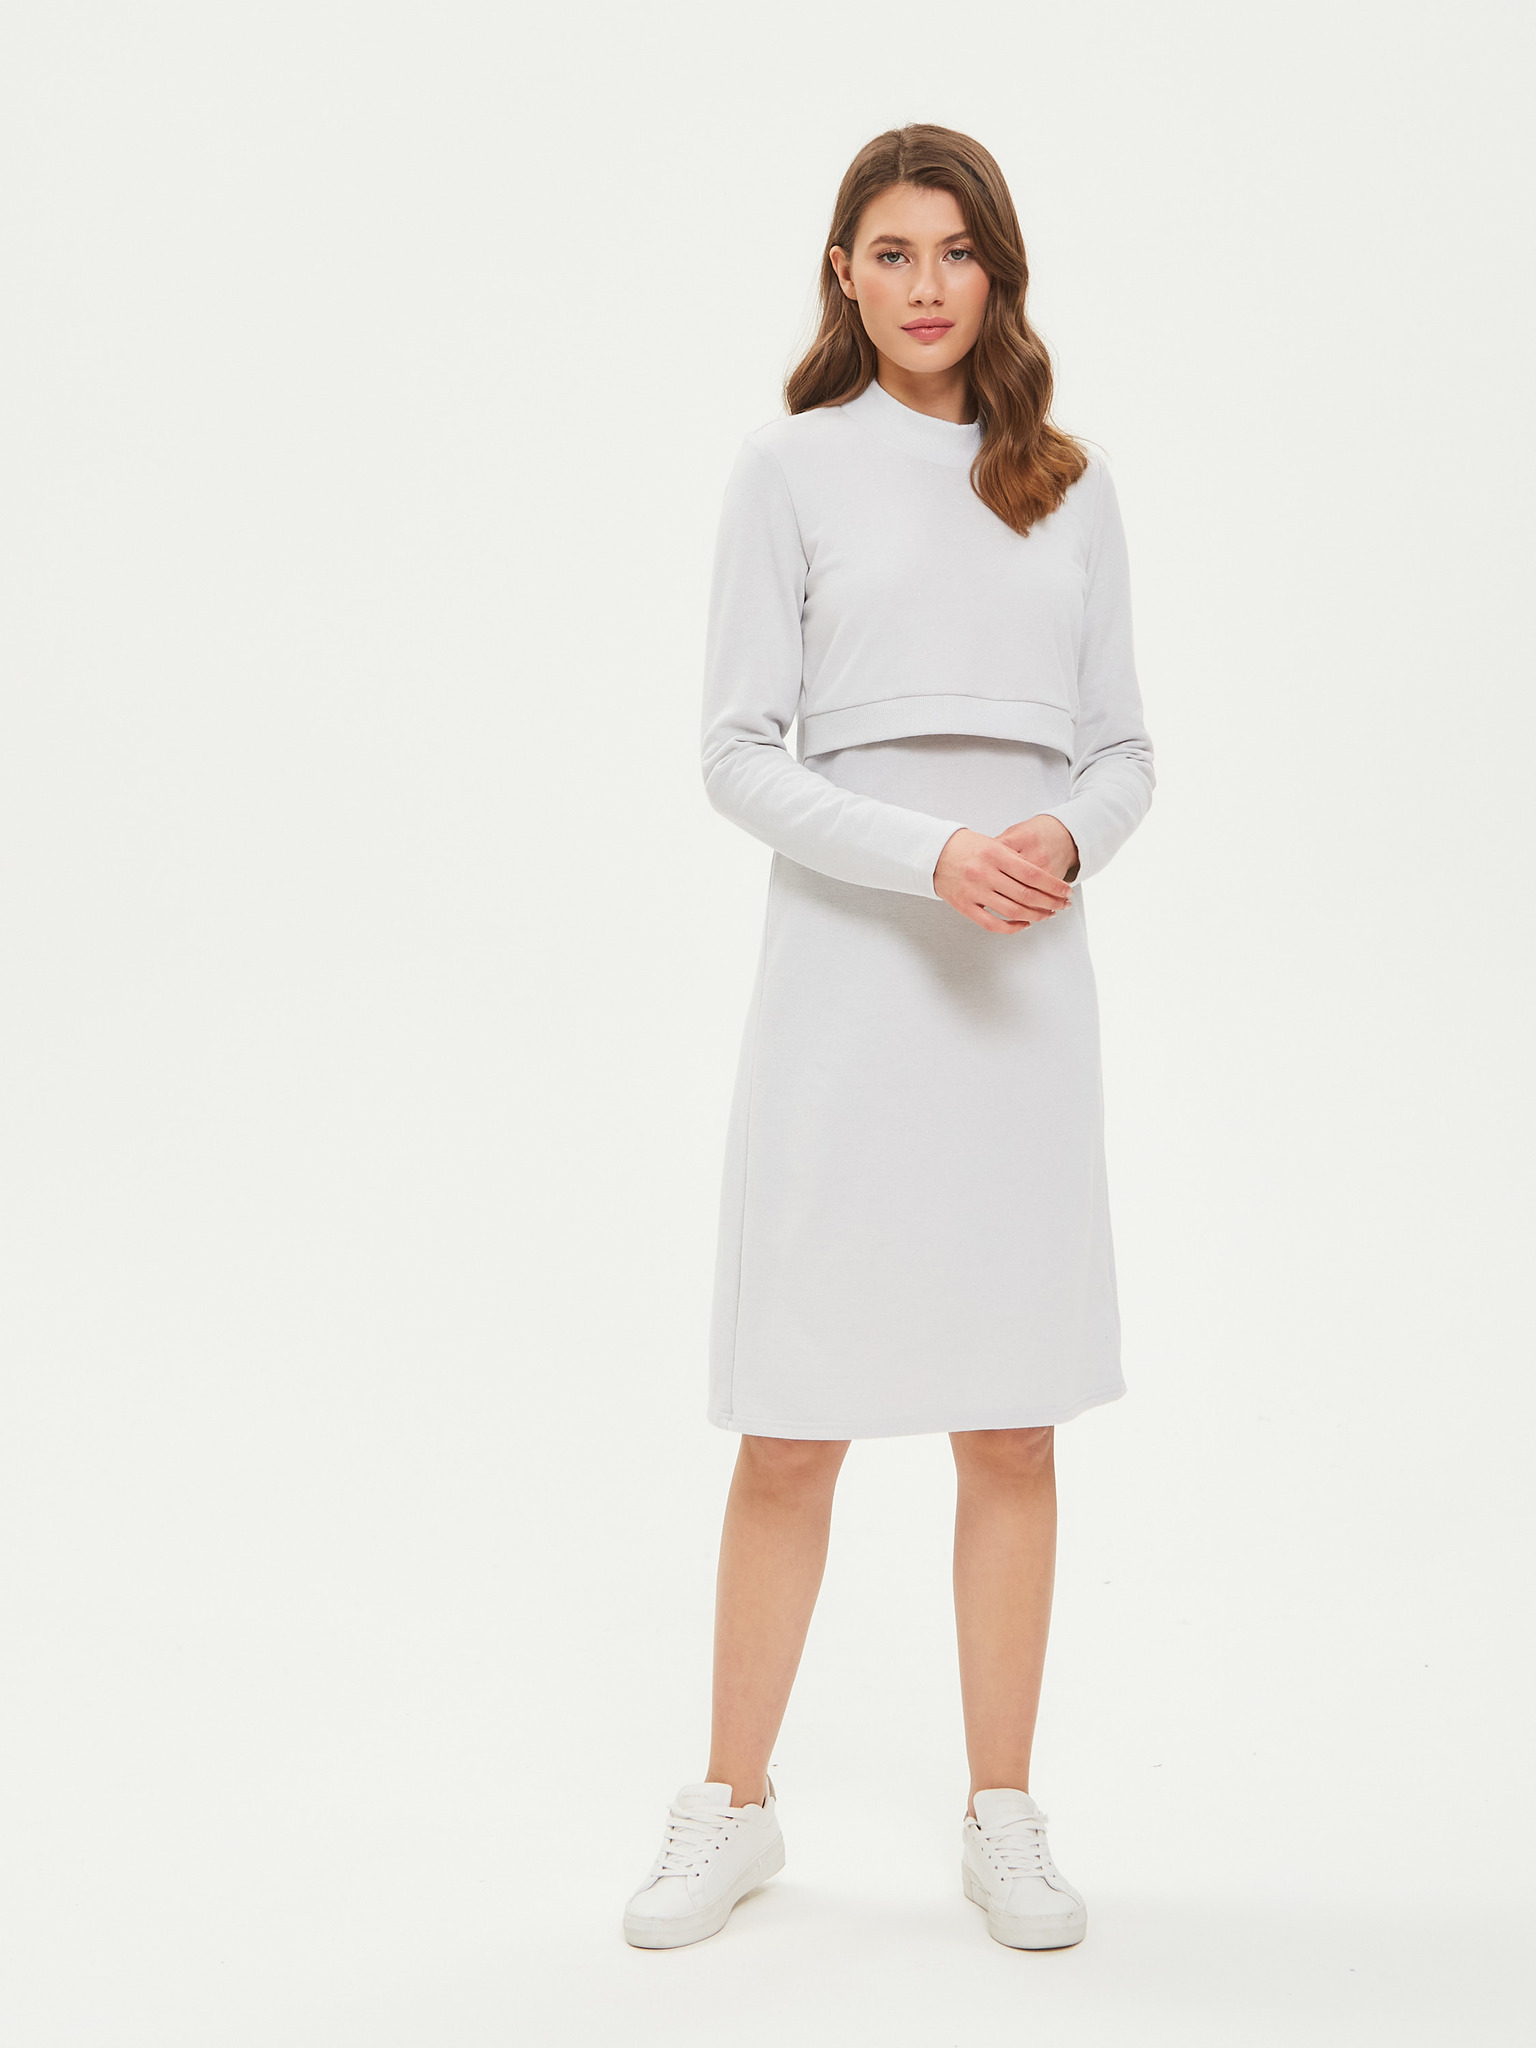 Chic mama Нарядное платье с люрексом для кормящих мам с секретом для кормления